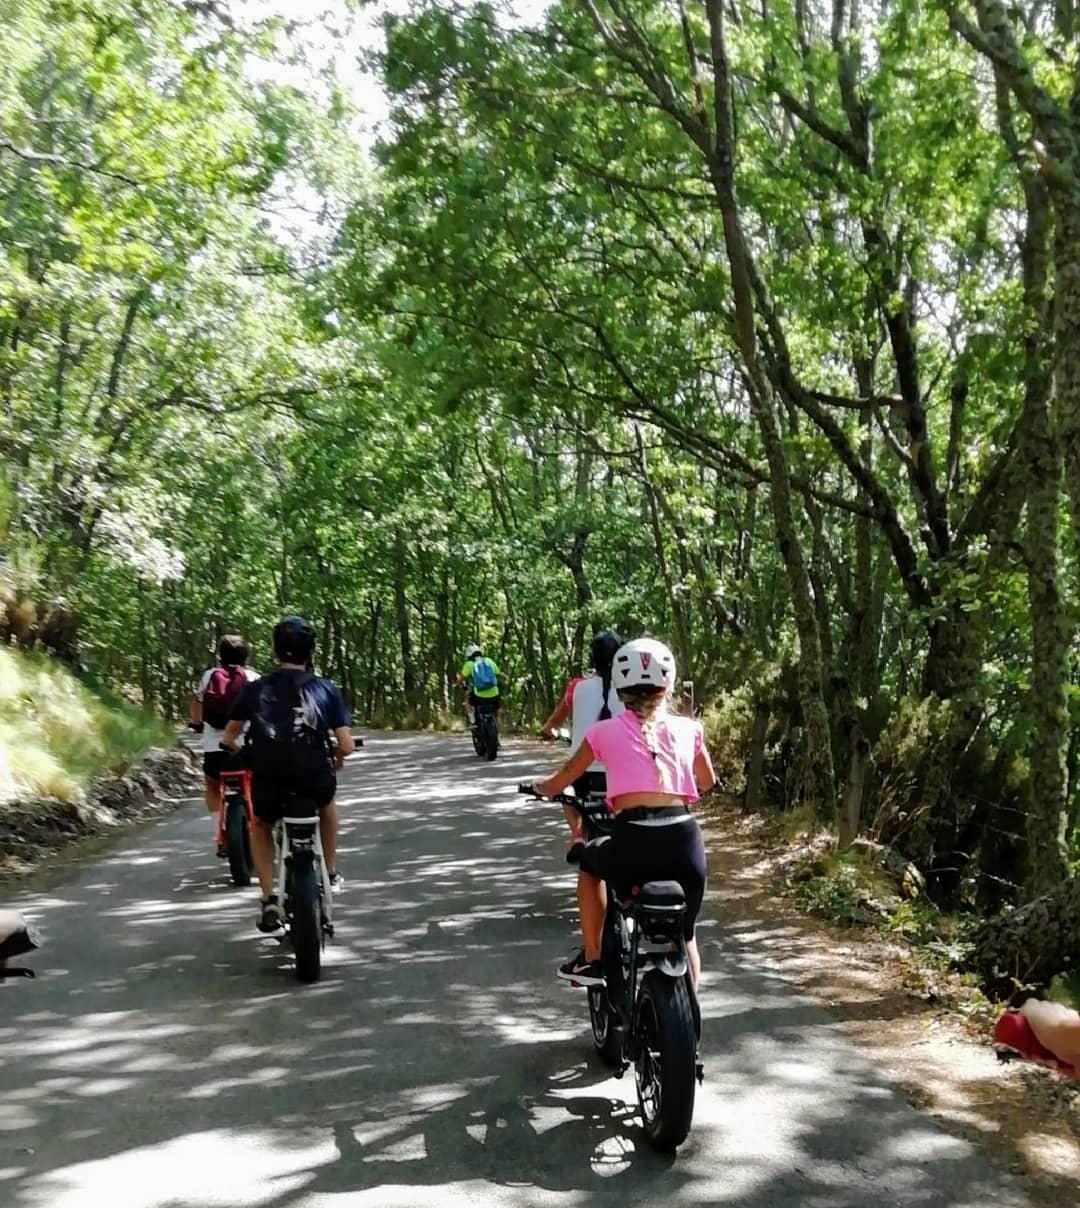 Bici eléctrica en Candelario  + embutidos en Guijuelo .